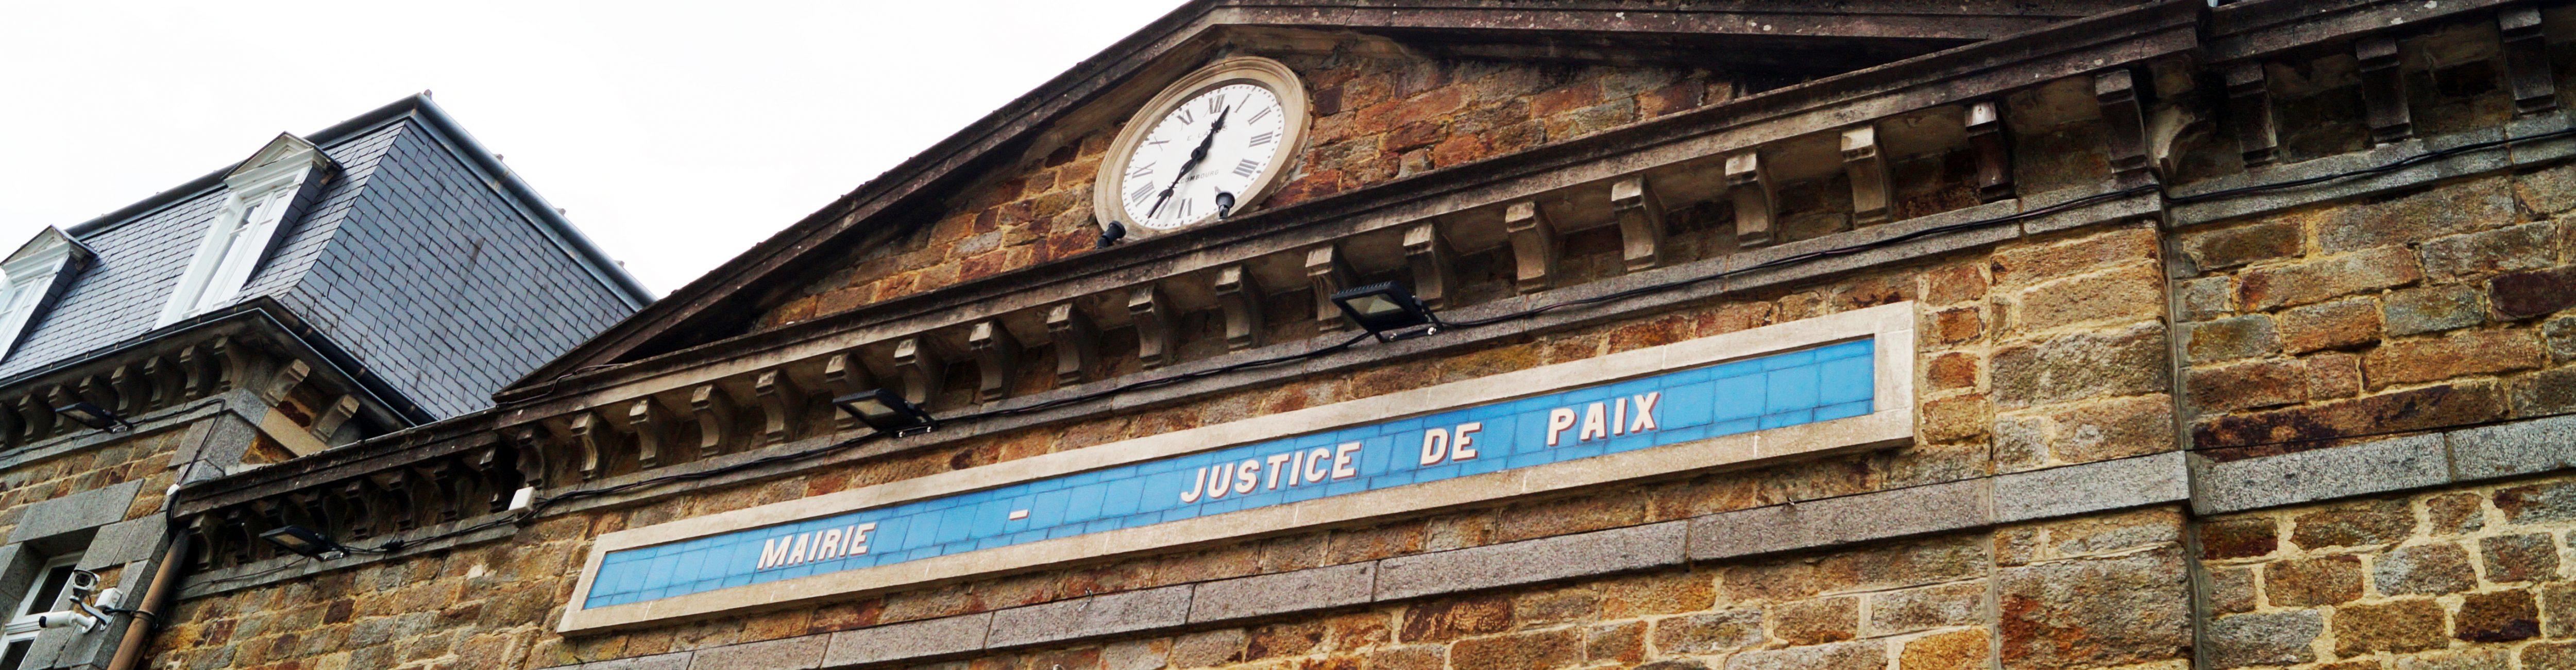 Mairie_Chateauneuf_d_ille_et_vilaine_Saint_Malo_00015